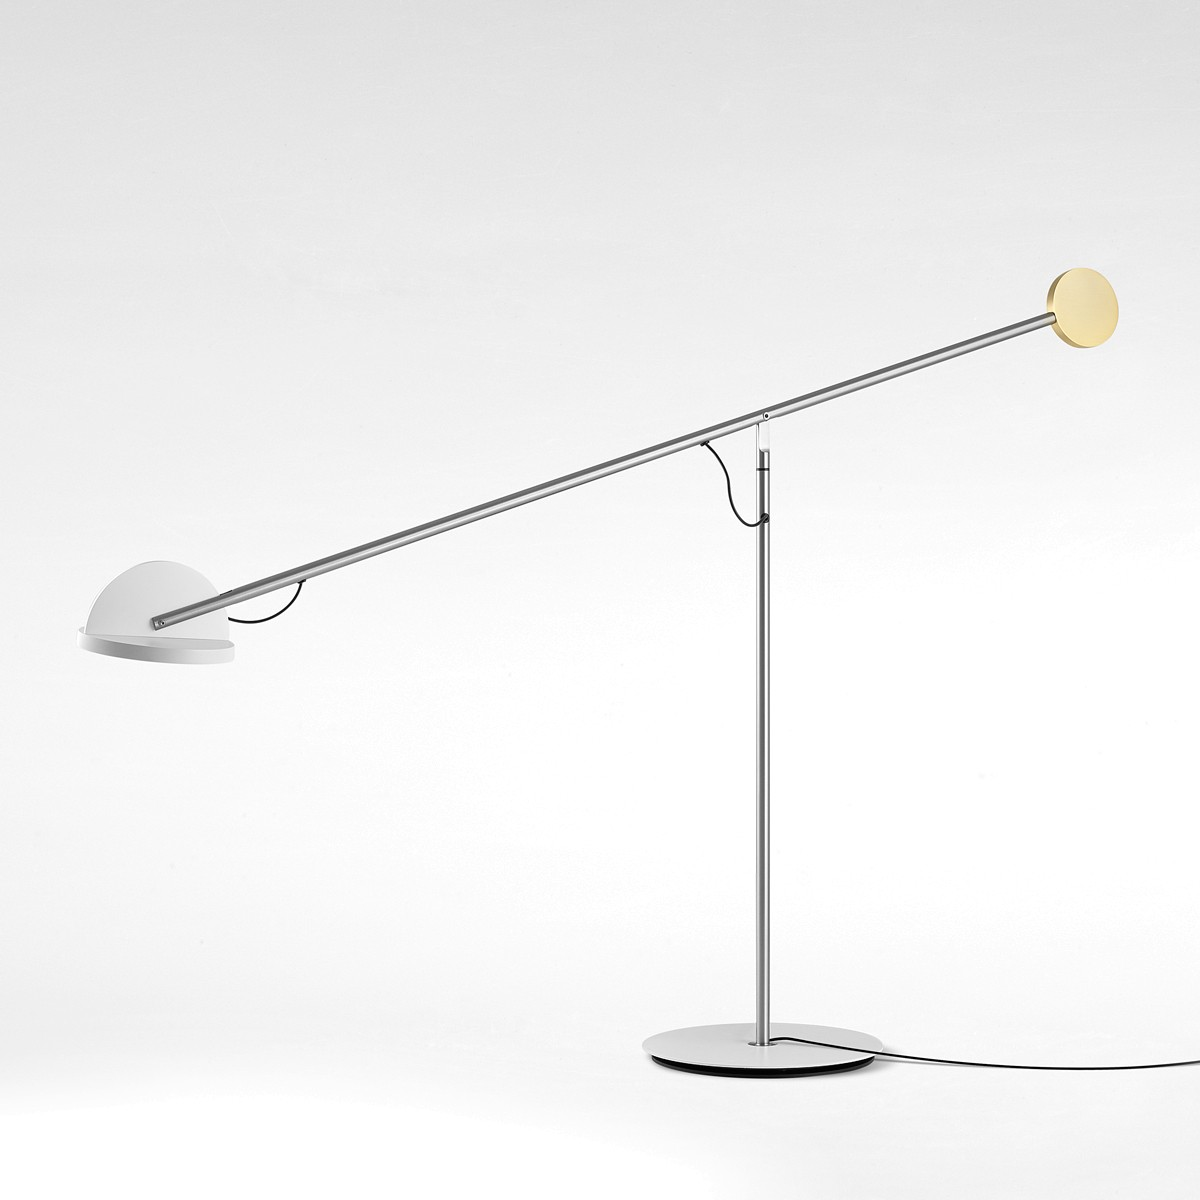 Marset Copérnica M LED Tischleuchte, Nickel satiniert, Kopf: weiß, Gegengewicht: golden